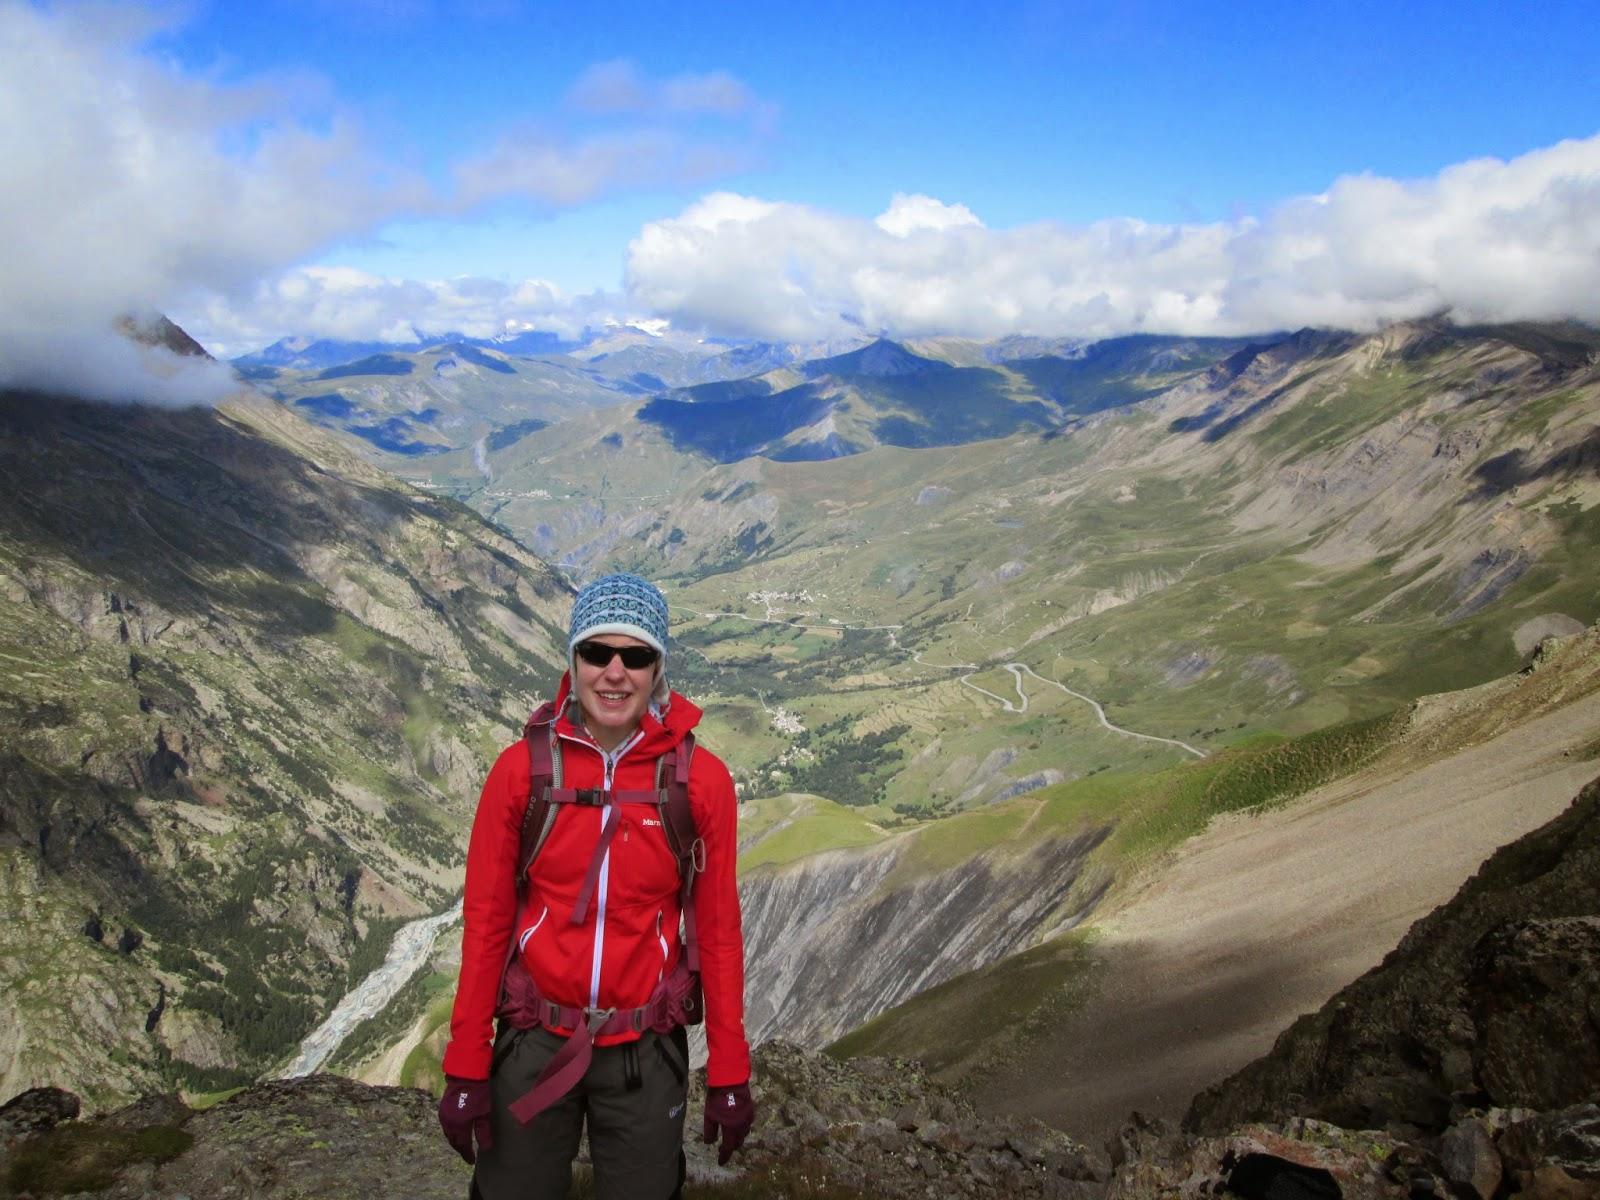 Col de Laurichard, Ecrins National Park, France, Alps